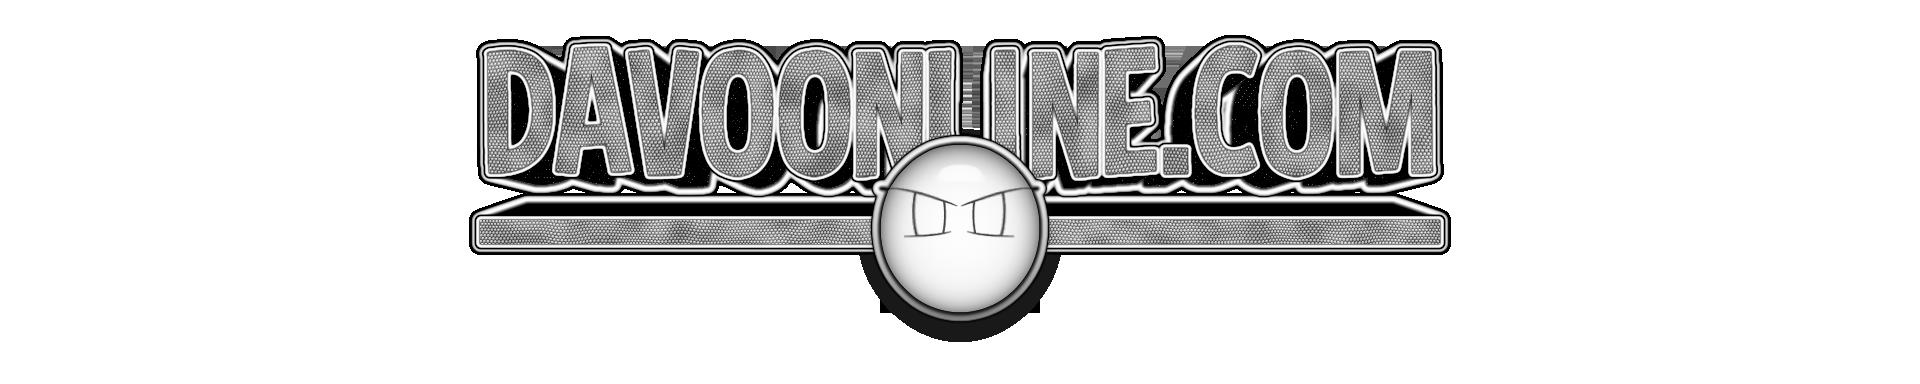 DavoOnline.com